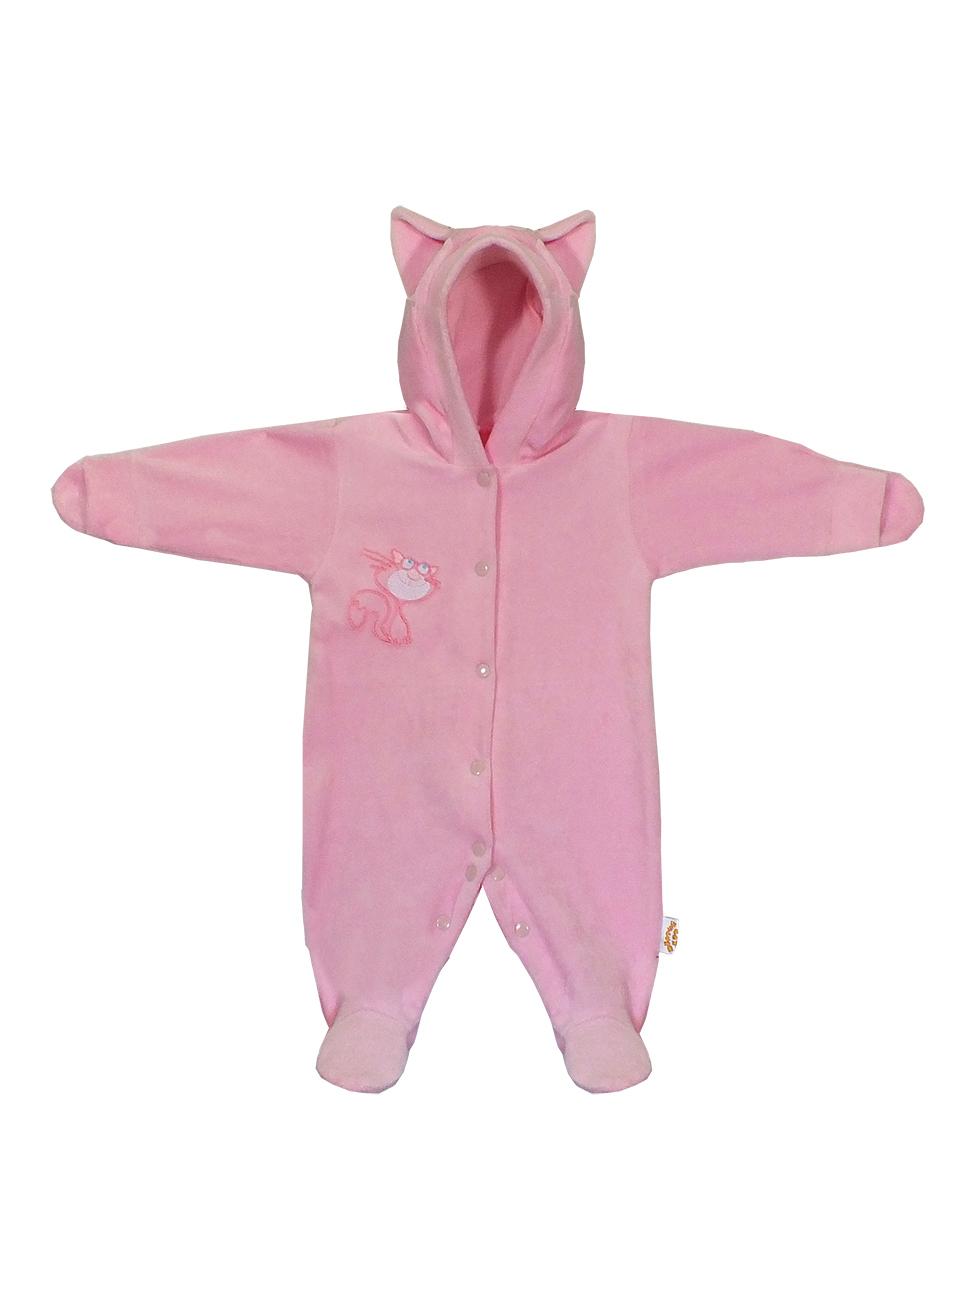 Купить Комбинезон Желтый кот Котик розовый, размер 56, Повседневные комбинезоны и полукомбинезоны для девочек